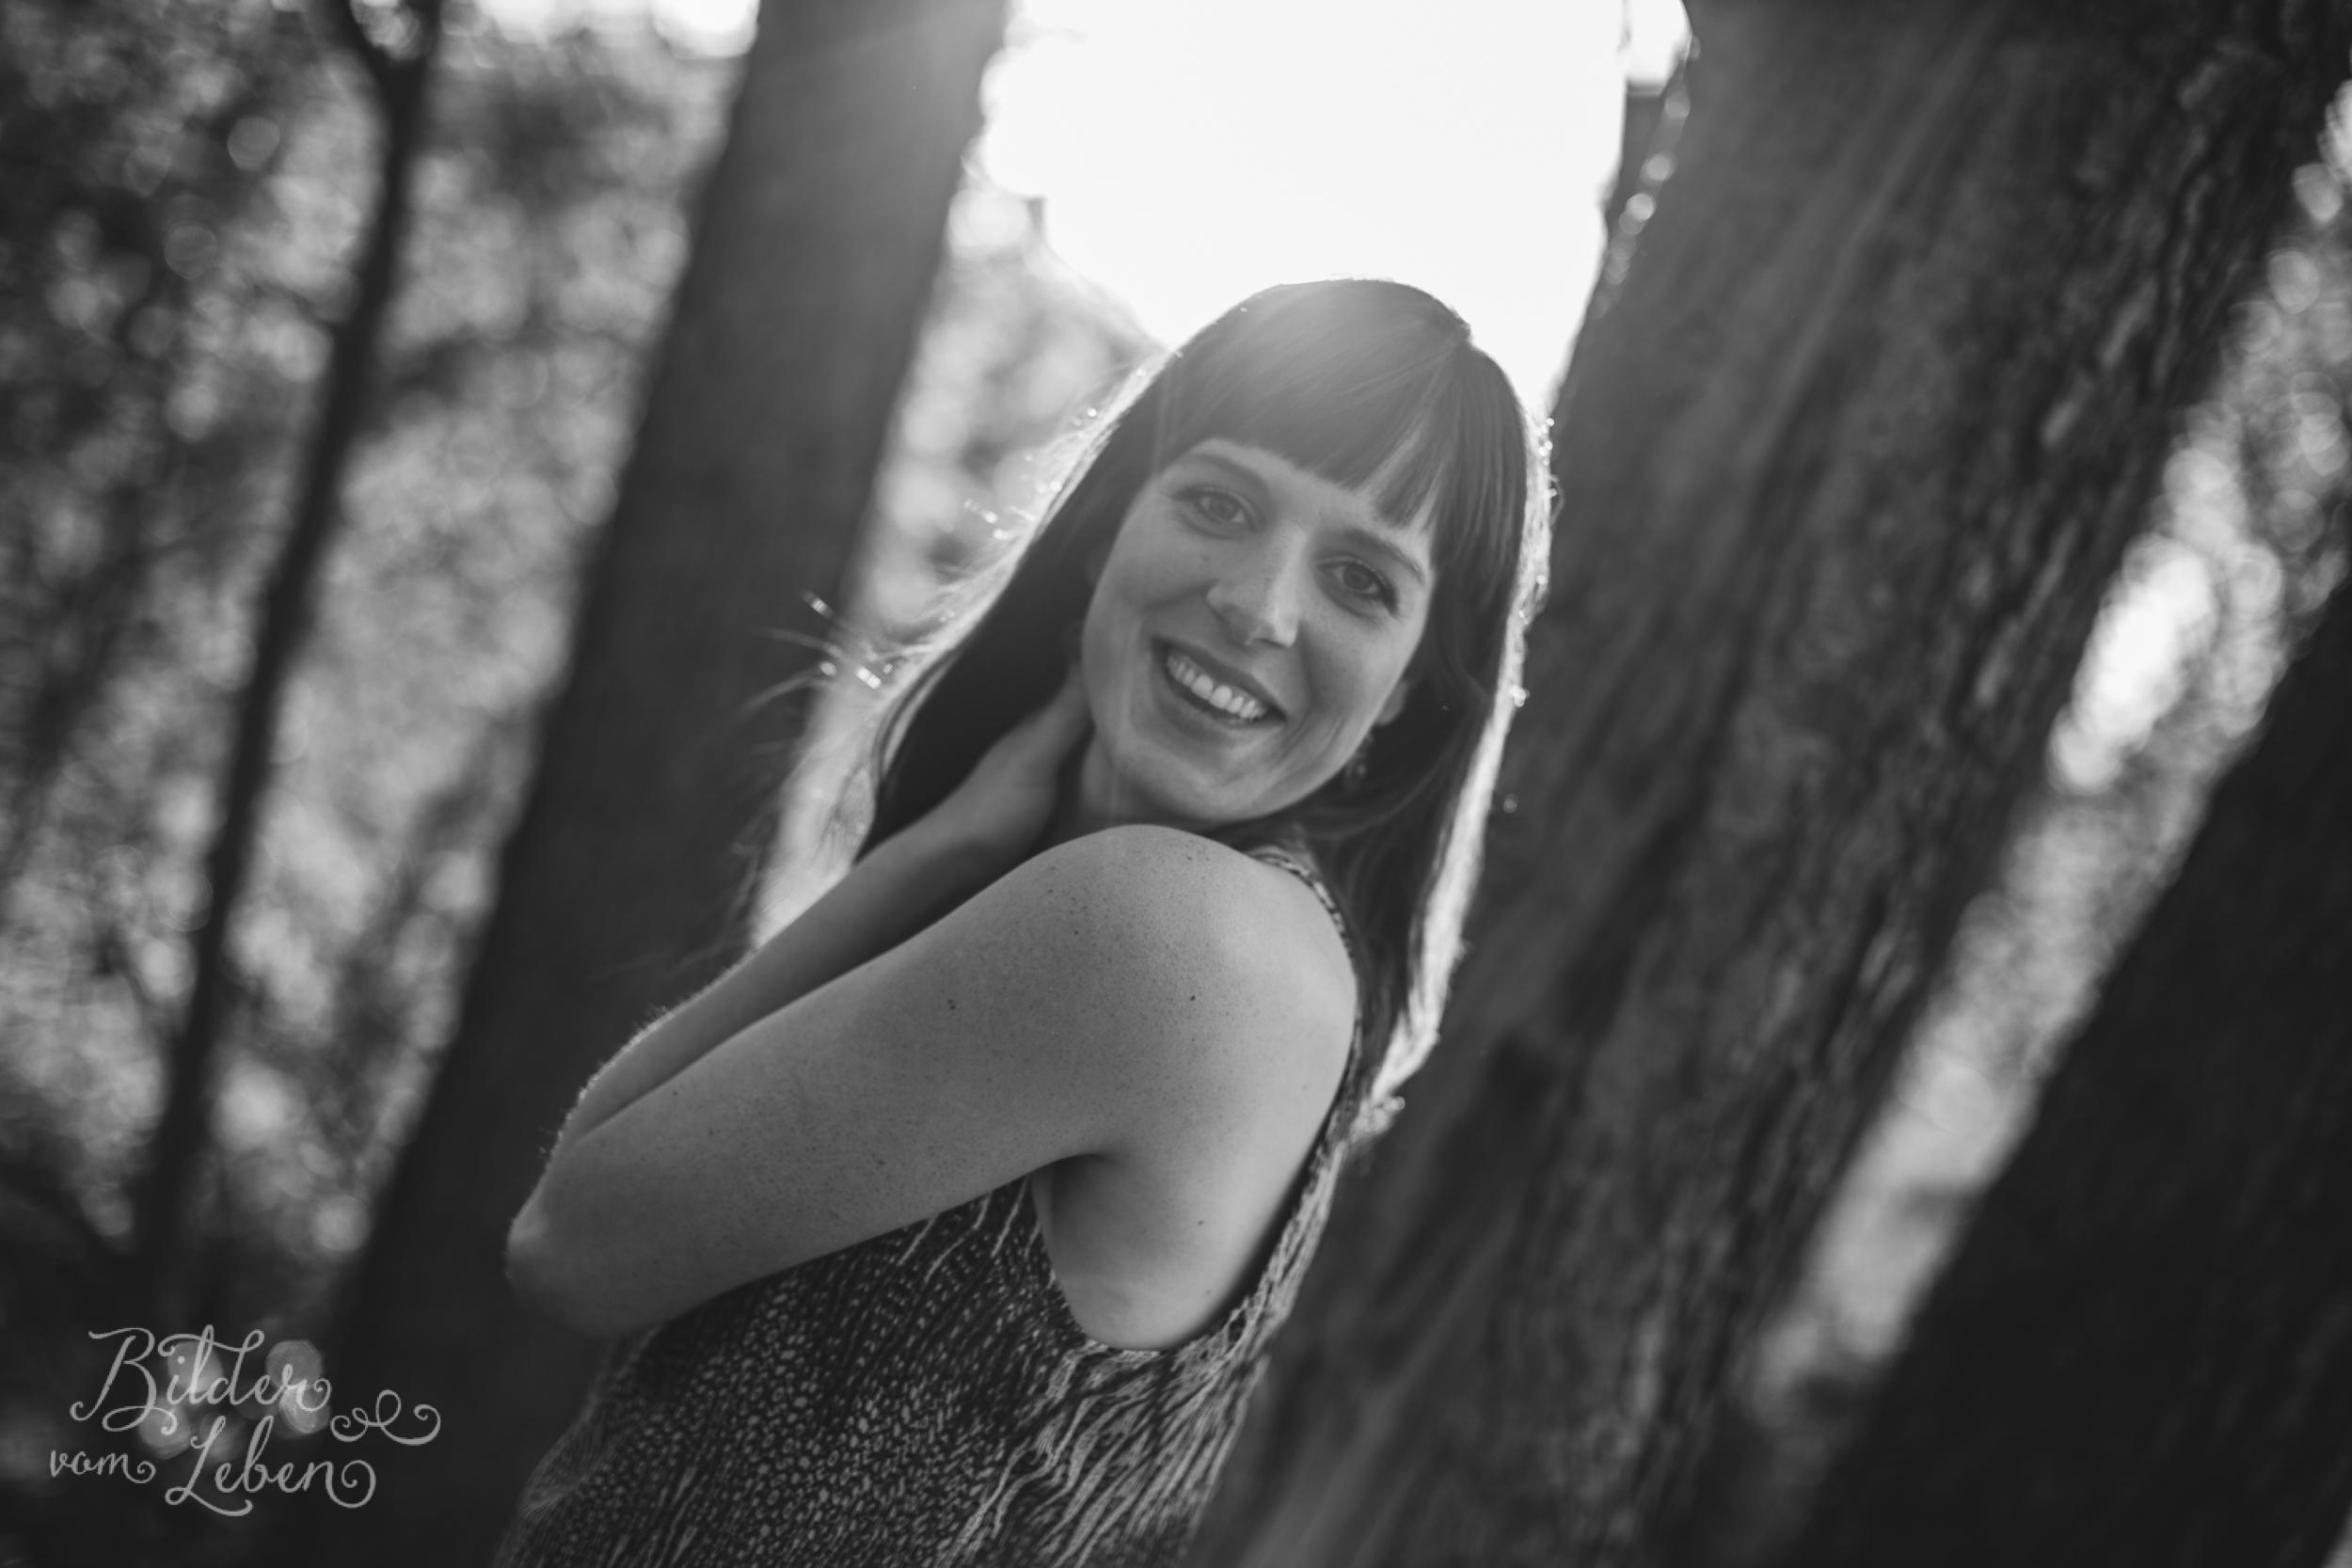 BildervomLeben-Fotografie-Christina-Heinig-Portraits-Gegenlicht-Susanne-2016-5764